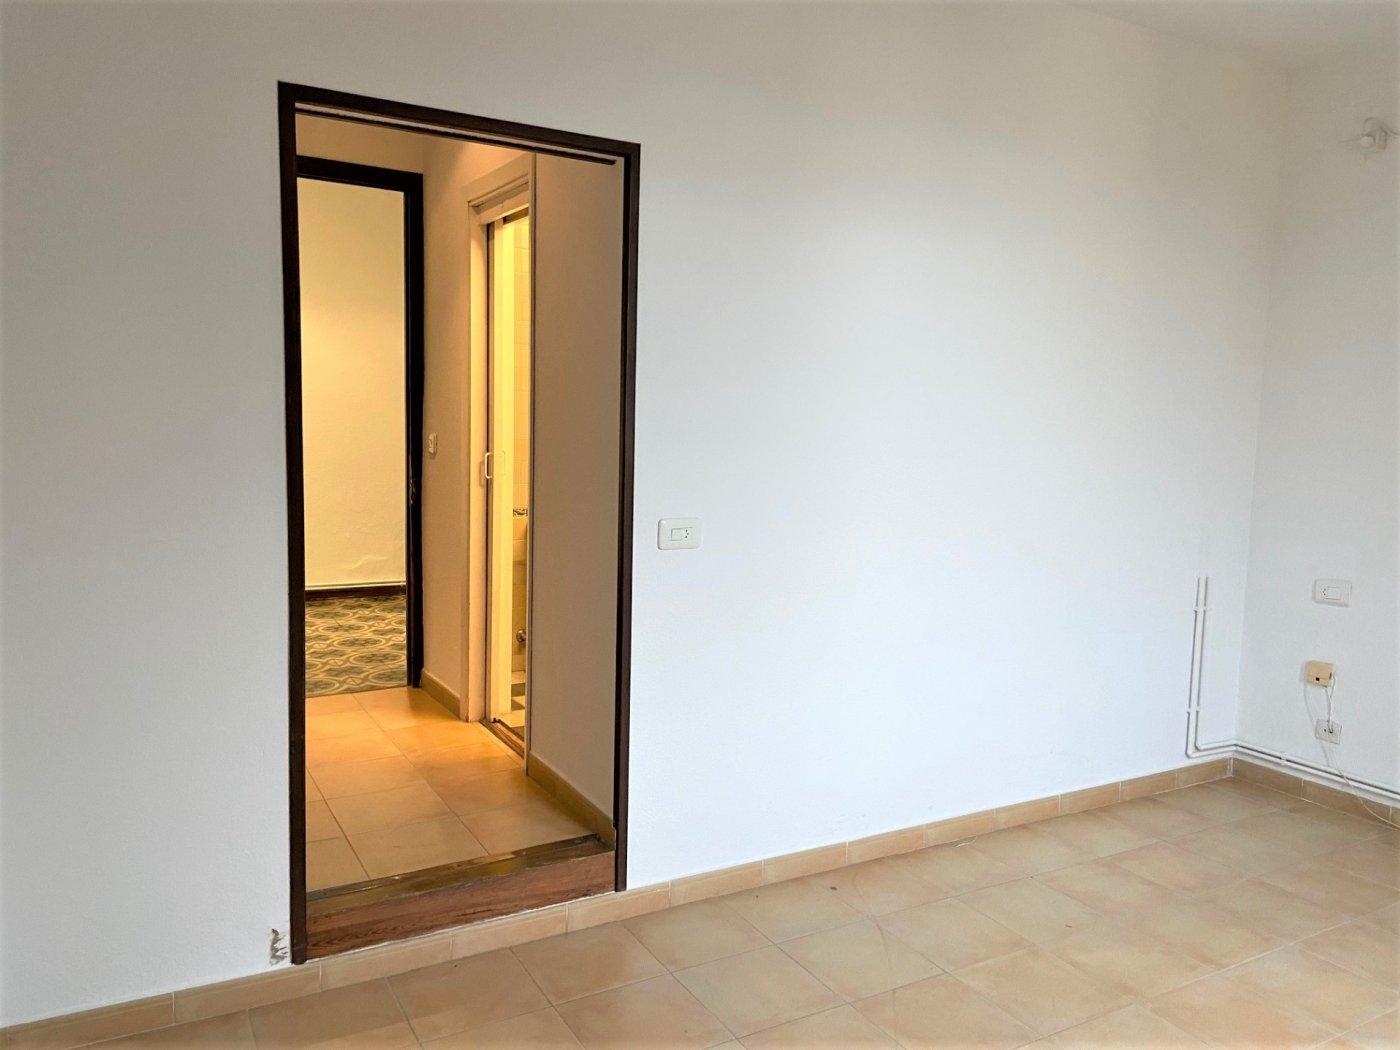 Zona centro ? plaza quadrado, ¡¡precioso y emblemÁtico piso en alquiler con parking y tras - imagenInmueble11